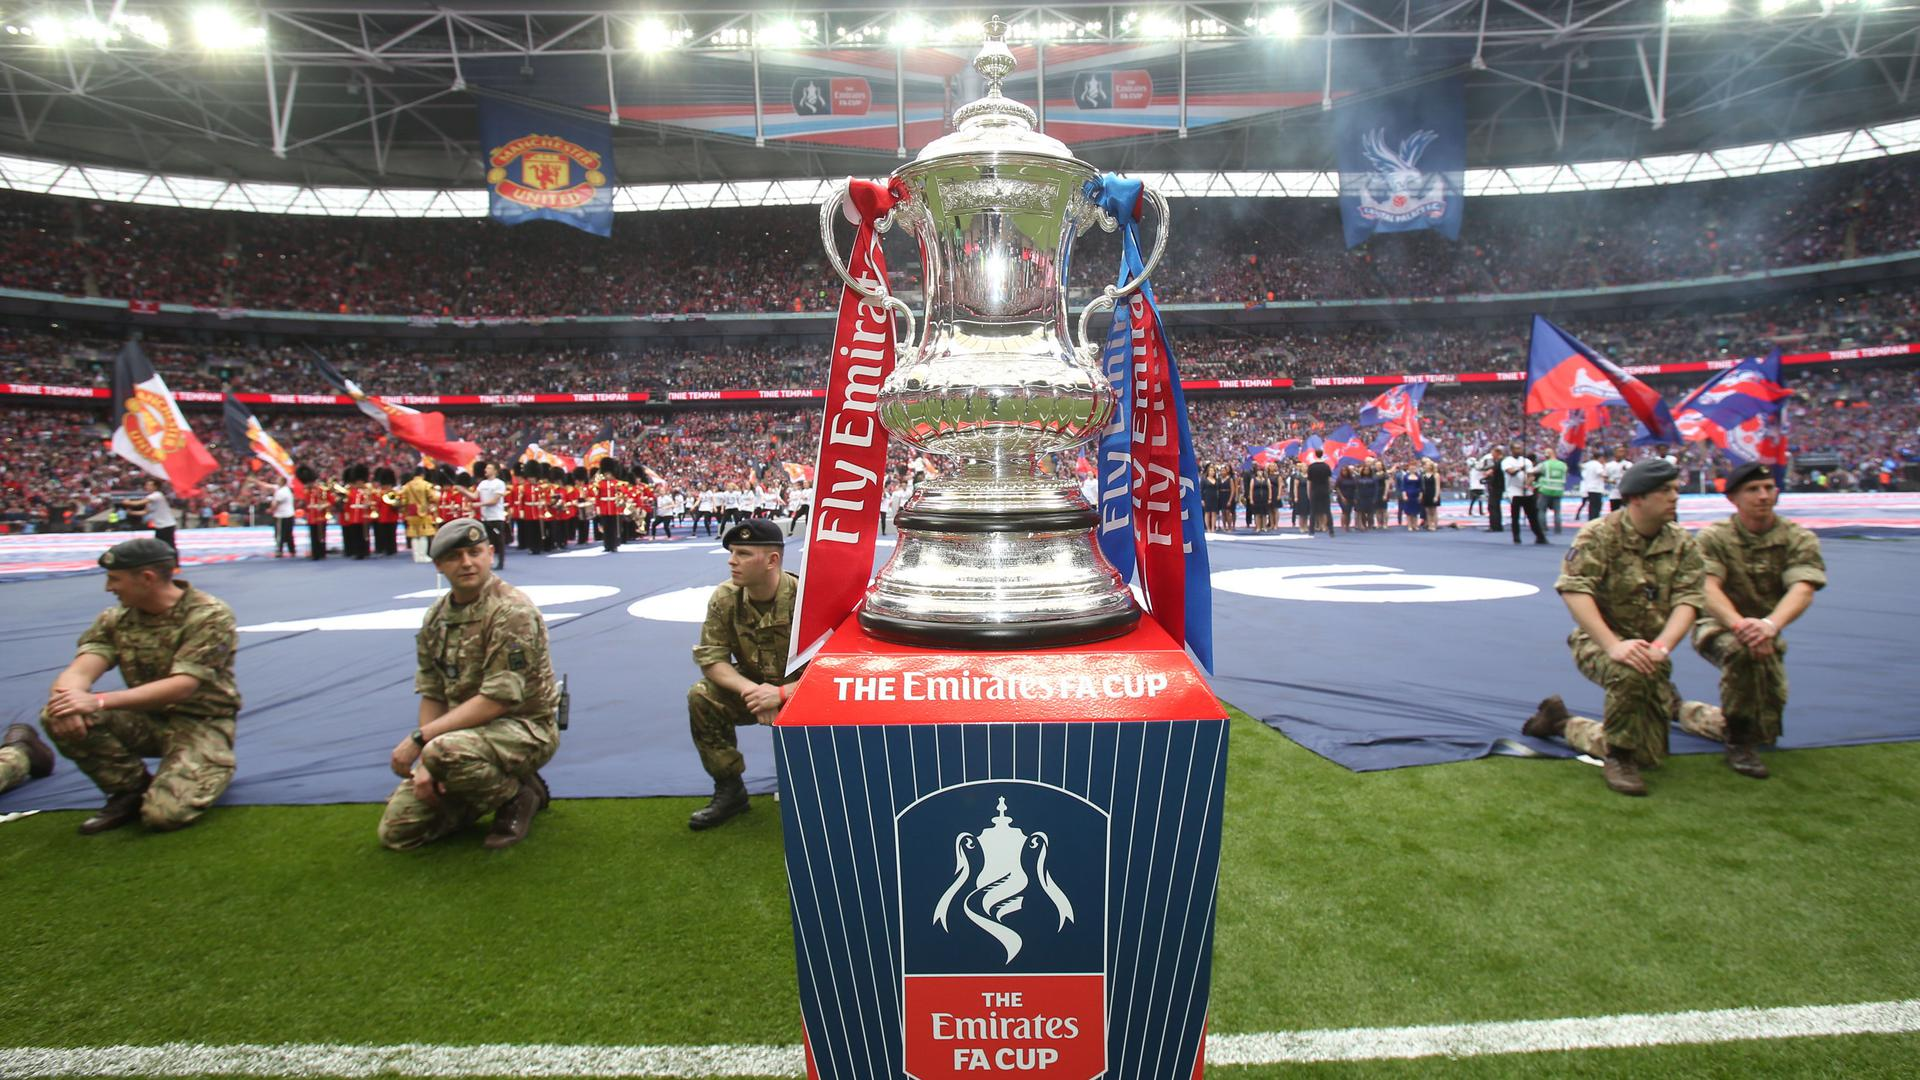 موعد أبرز مباريات اليوم في كأس الاتحاد الإنجليزي والقنوات الناقلة حيث منافسات دور الـ 16